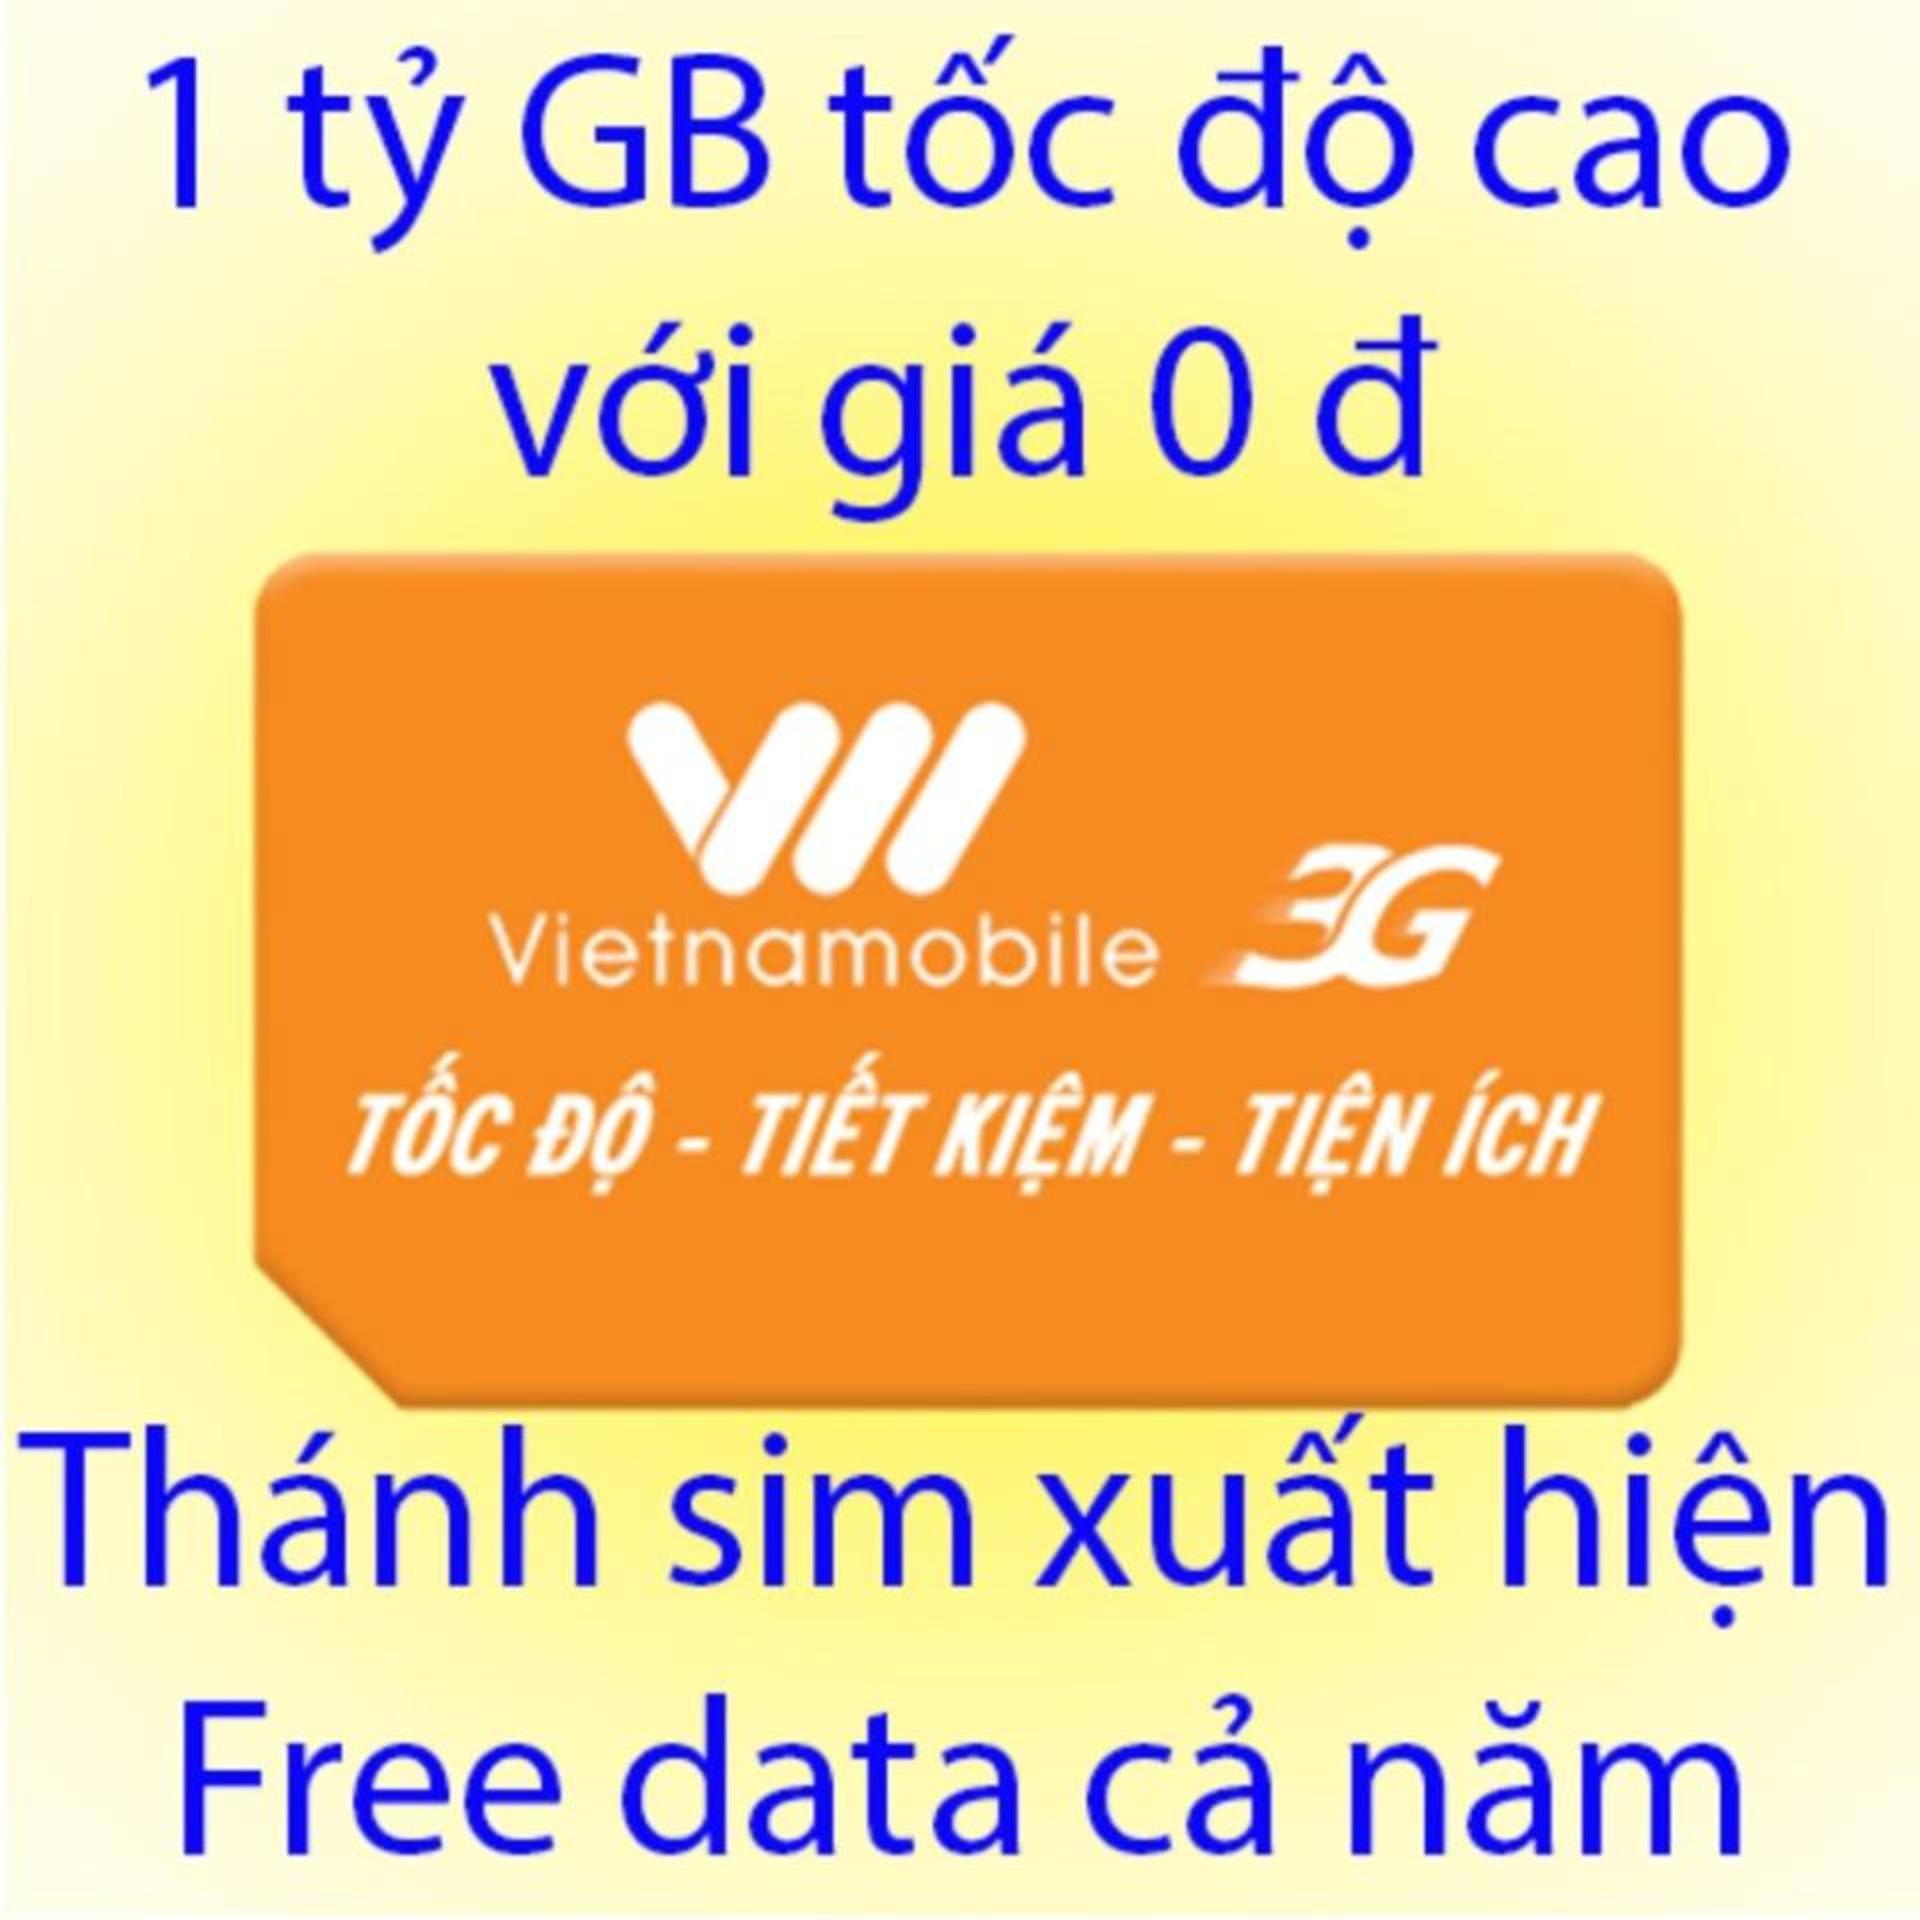 Hình ảnh Thánh sim 3G Vietnamobile - - FREE 4Gb/ngày